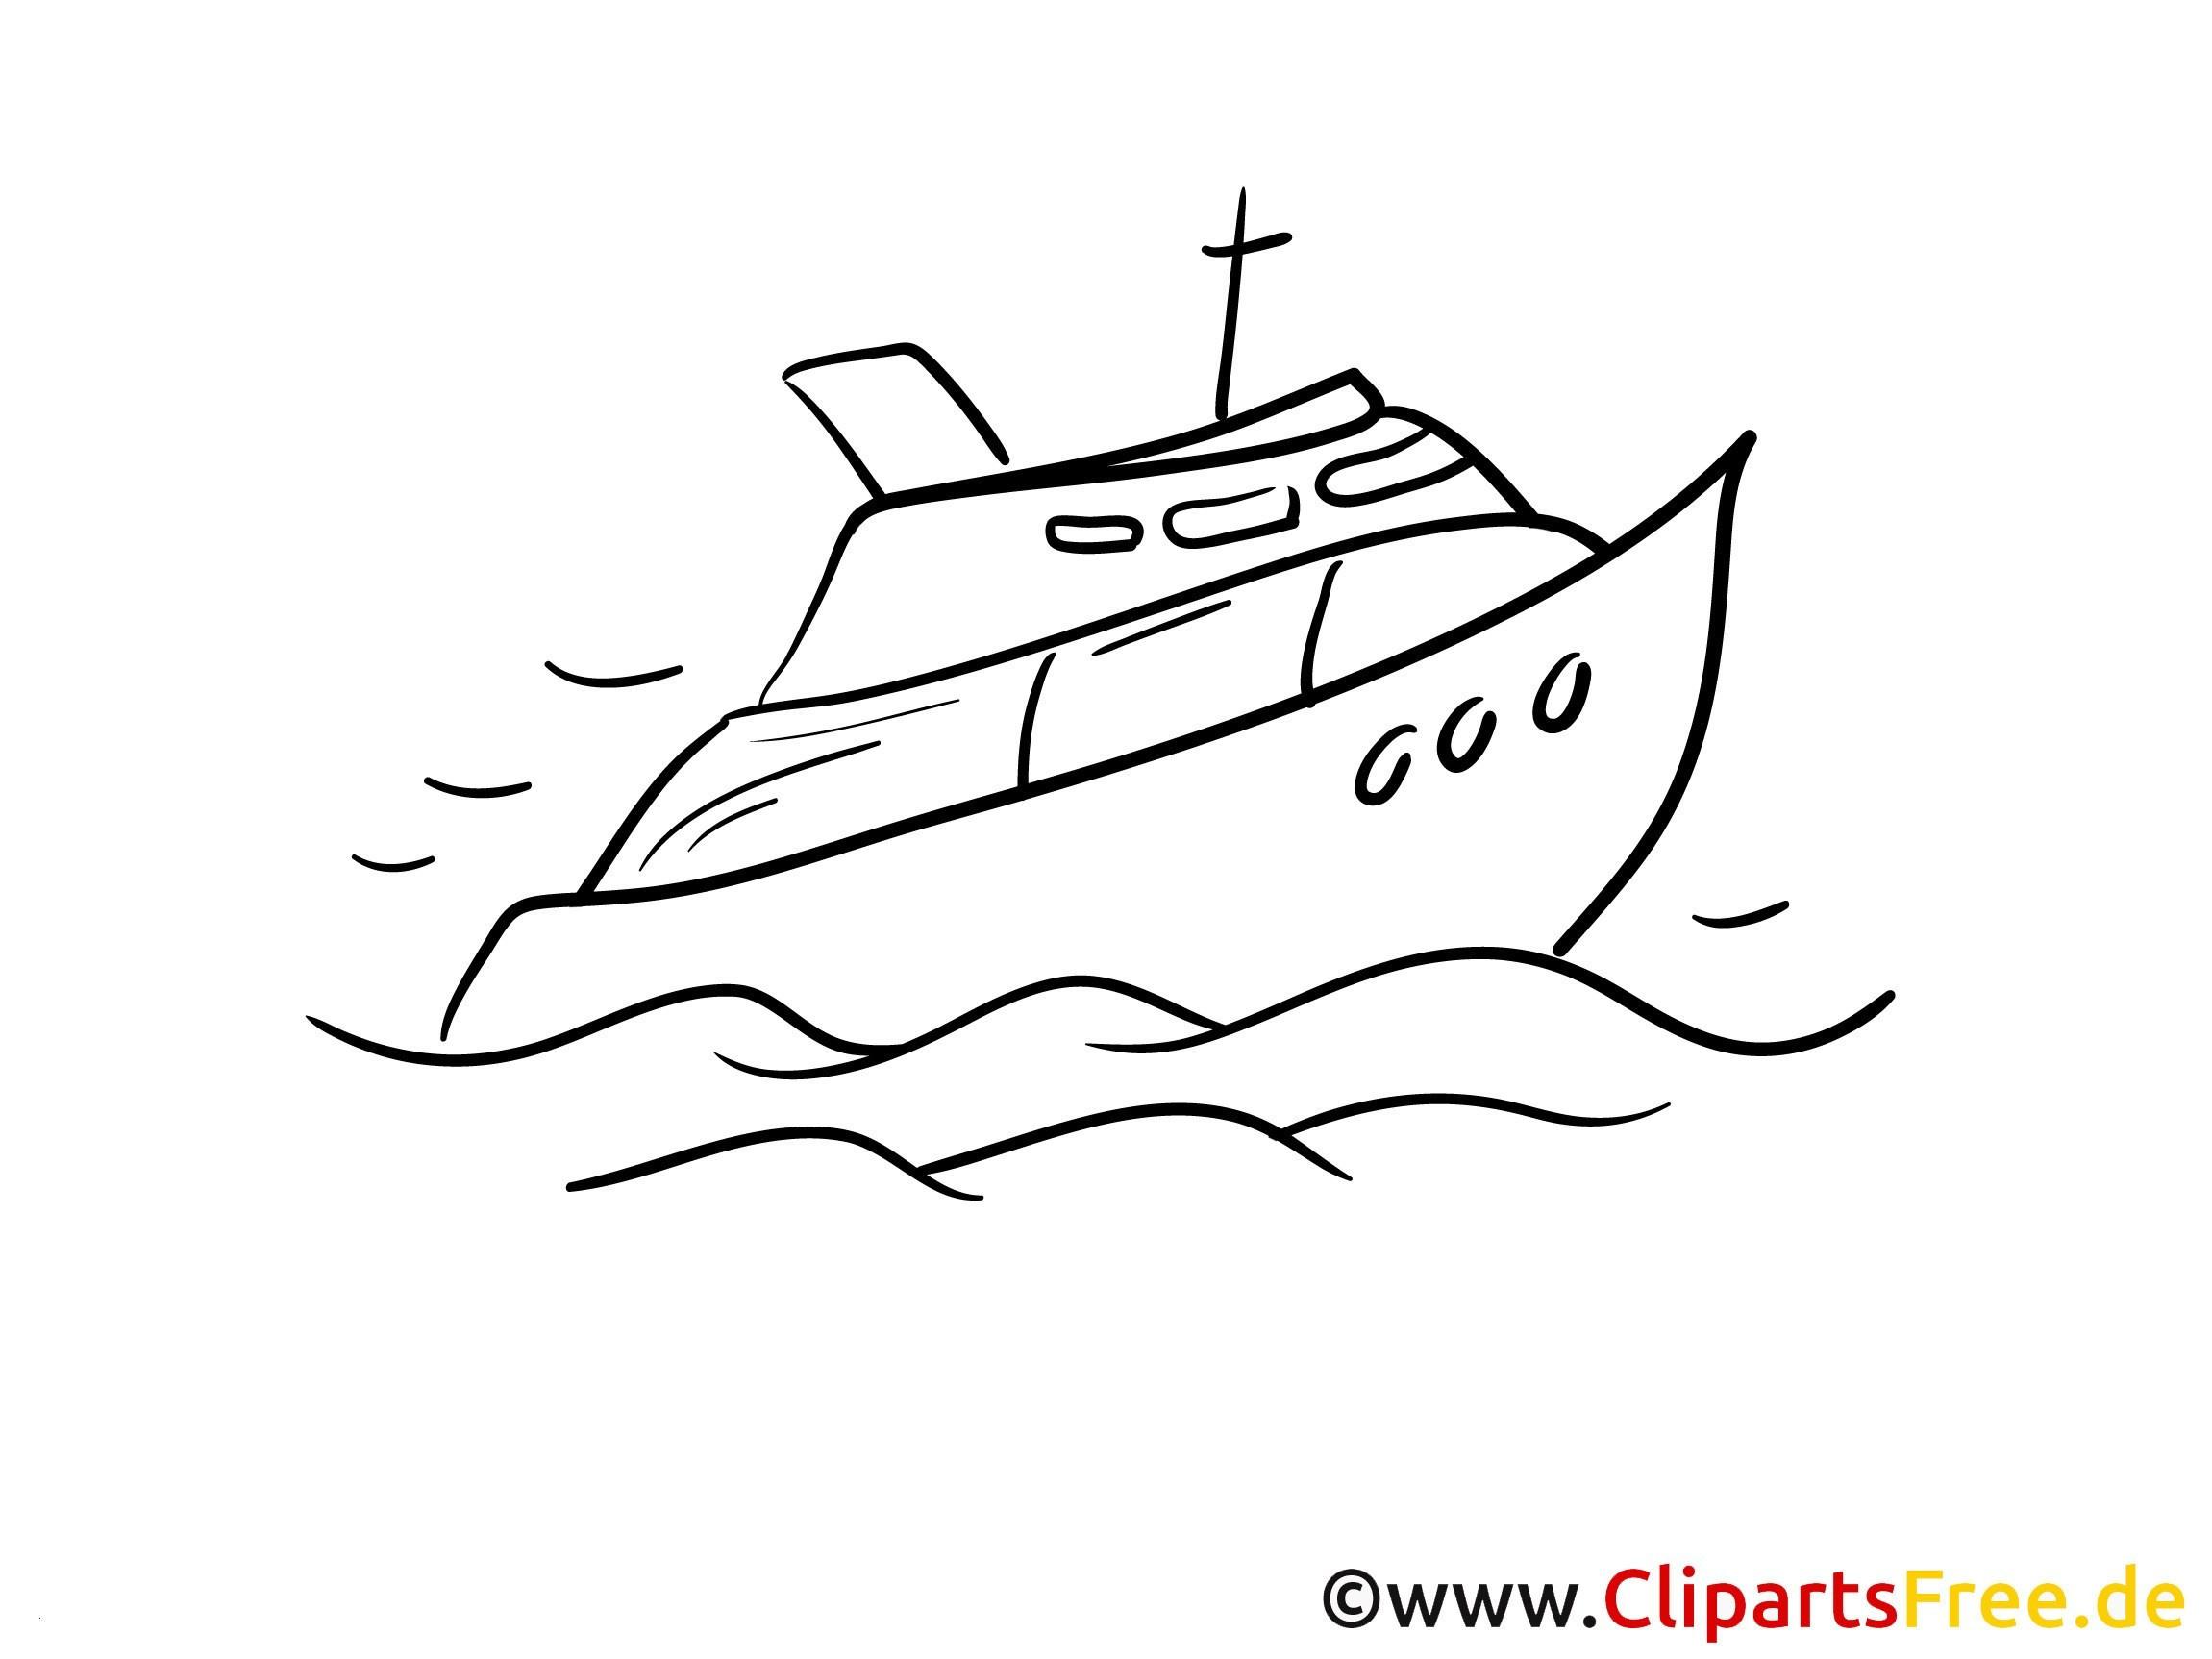 Boot Zum Ausmalen Das Beste Von Boot Malvorlagen atemberaubende 35 Ausmalbilder Boot Scoredatscore Bild